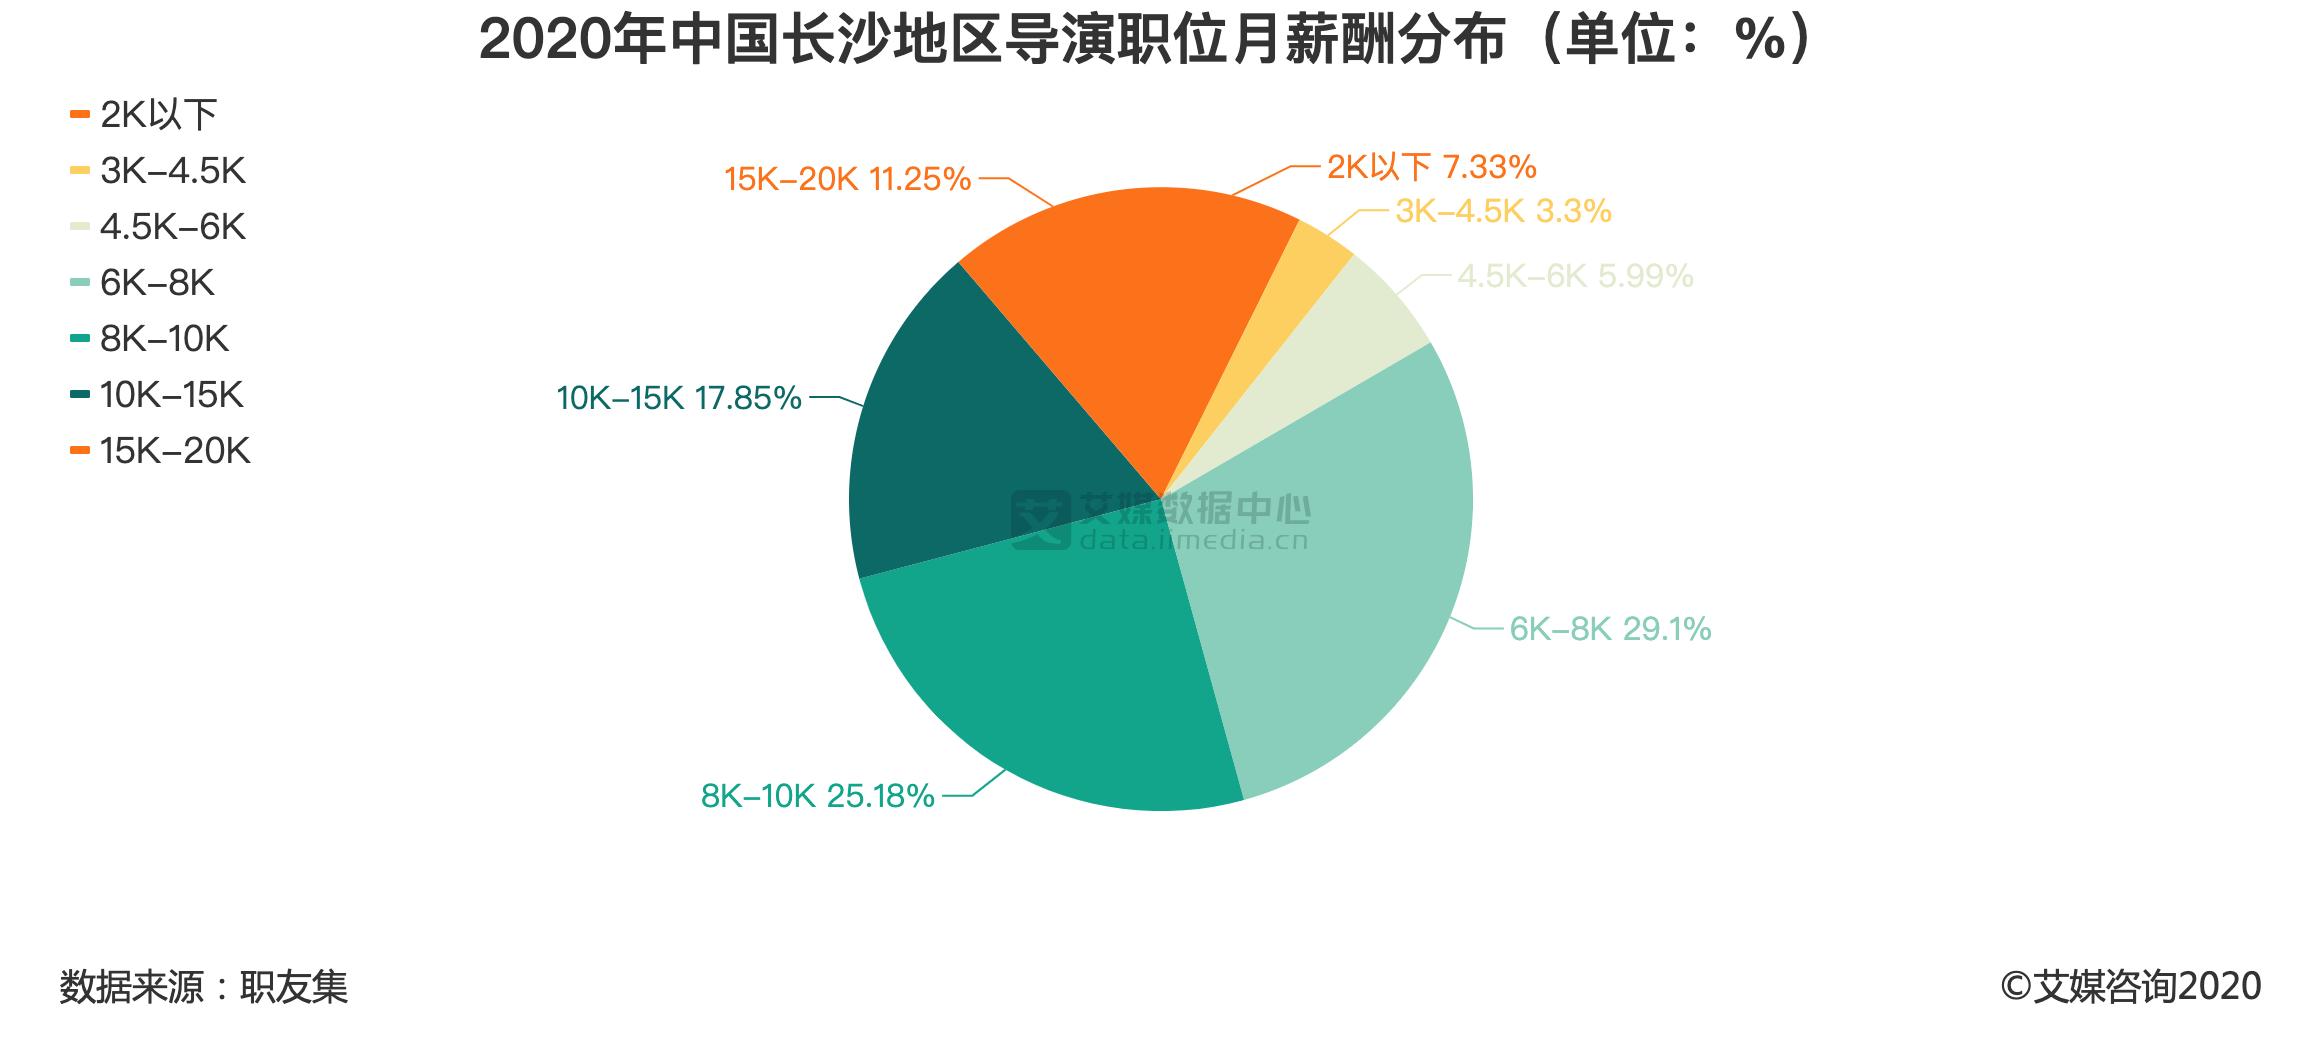 2020年中国长沙地区导演职位月薪酬分布(单位:%)